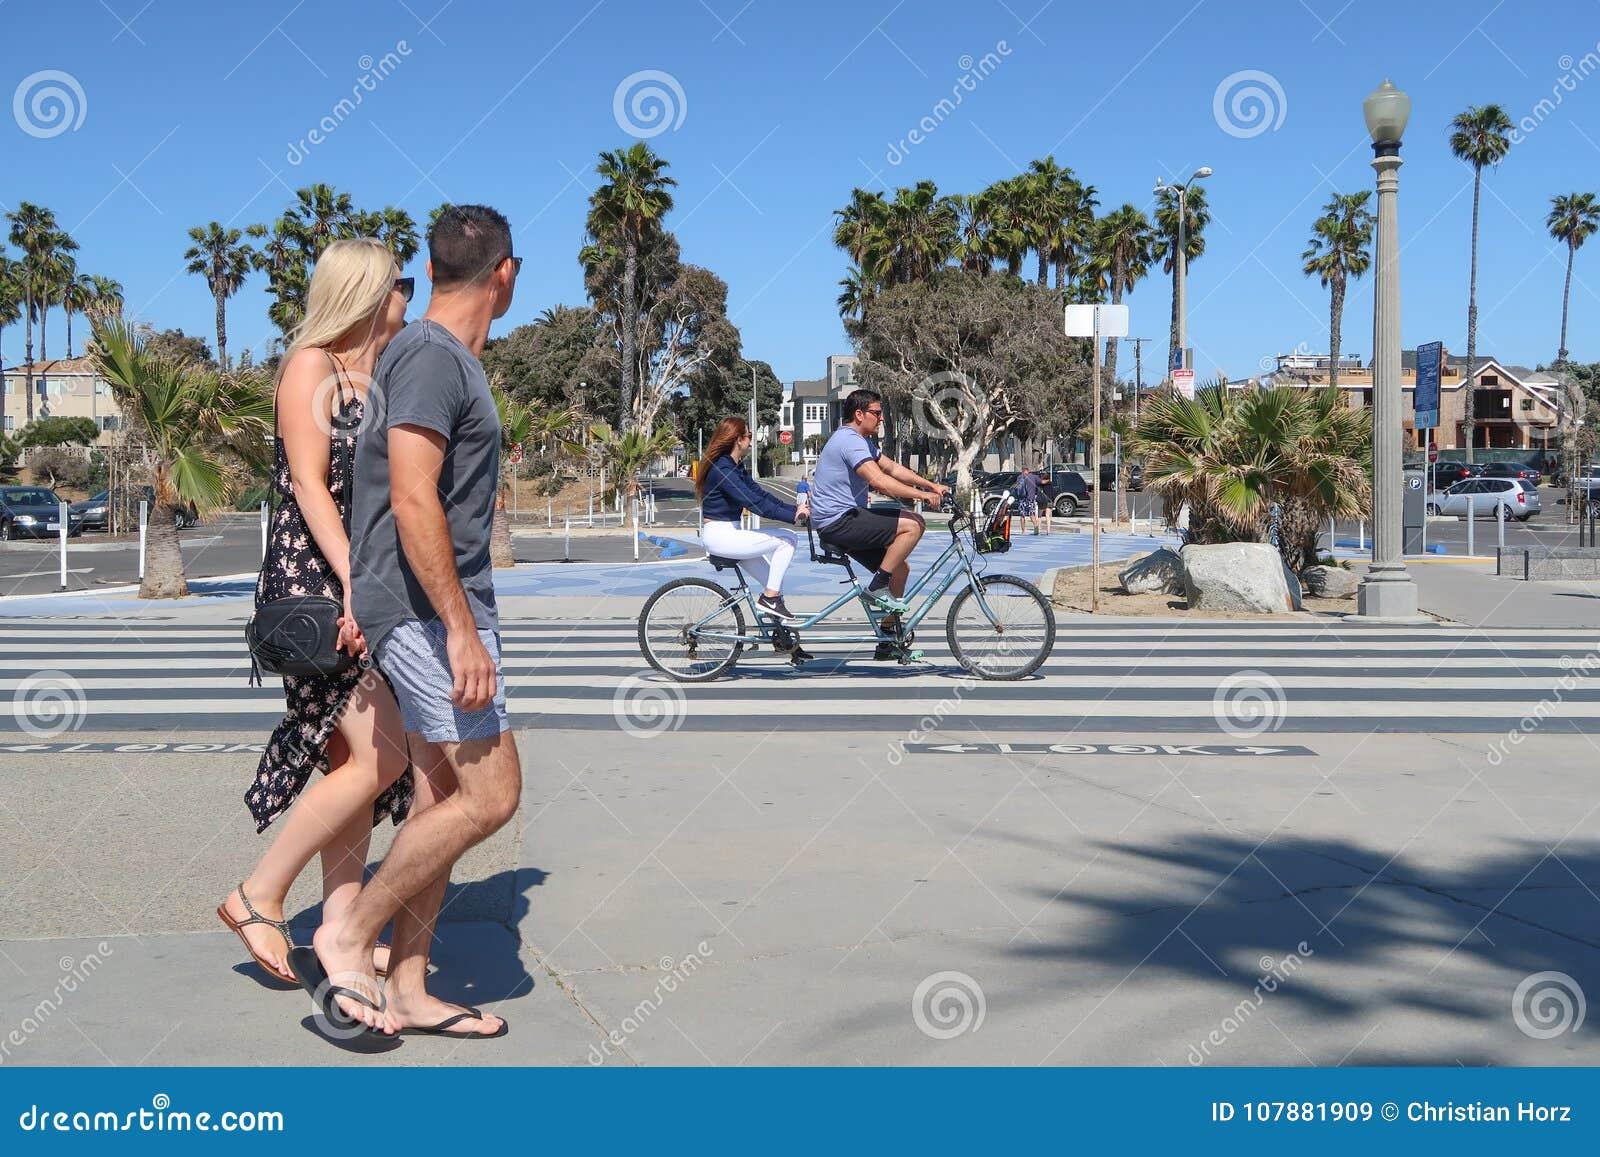 Santa Monica, California, U.S.A. 03 31 2017 uomo e bicicletta in tandem di guida della donna sull oceano Front Walk